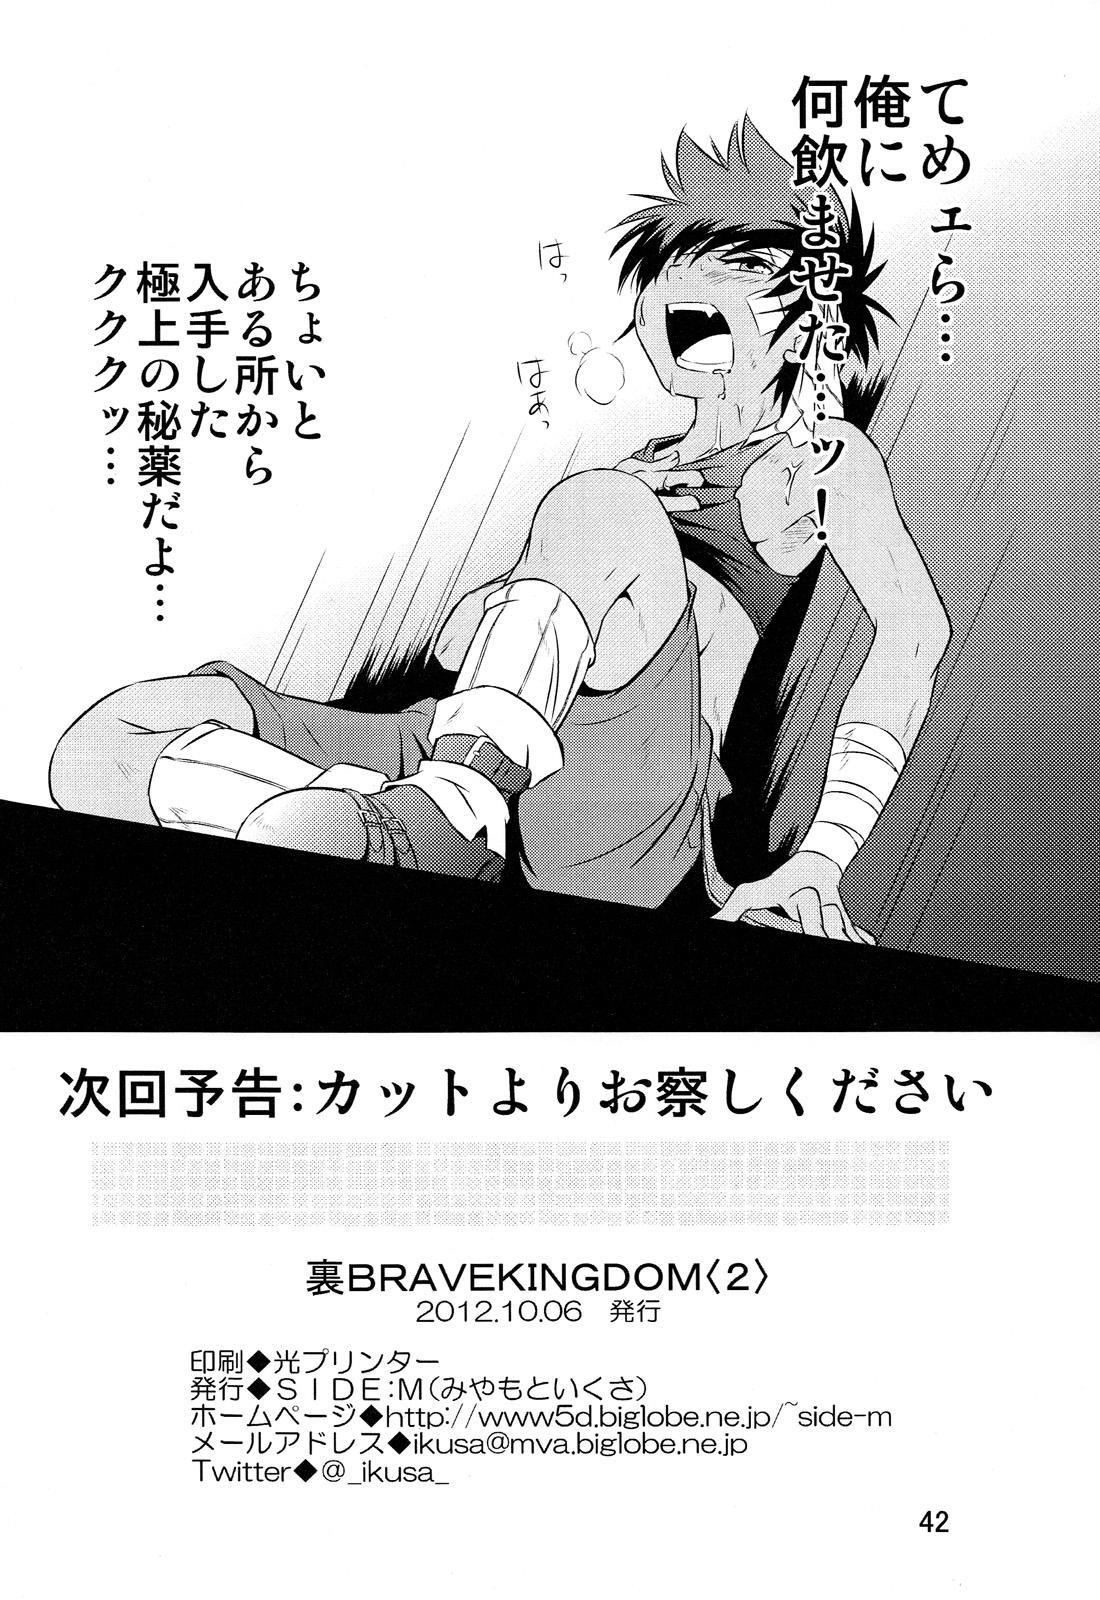 Ura Brave Kingdom 2 41